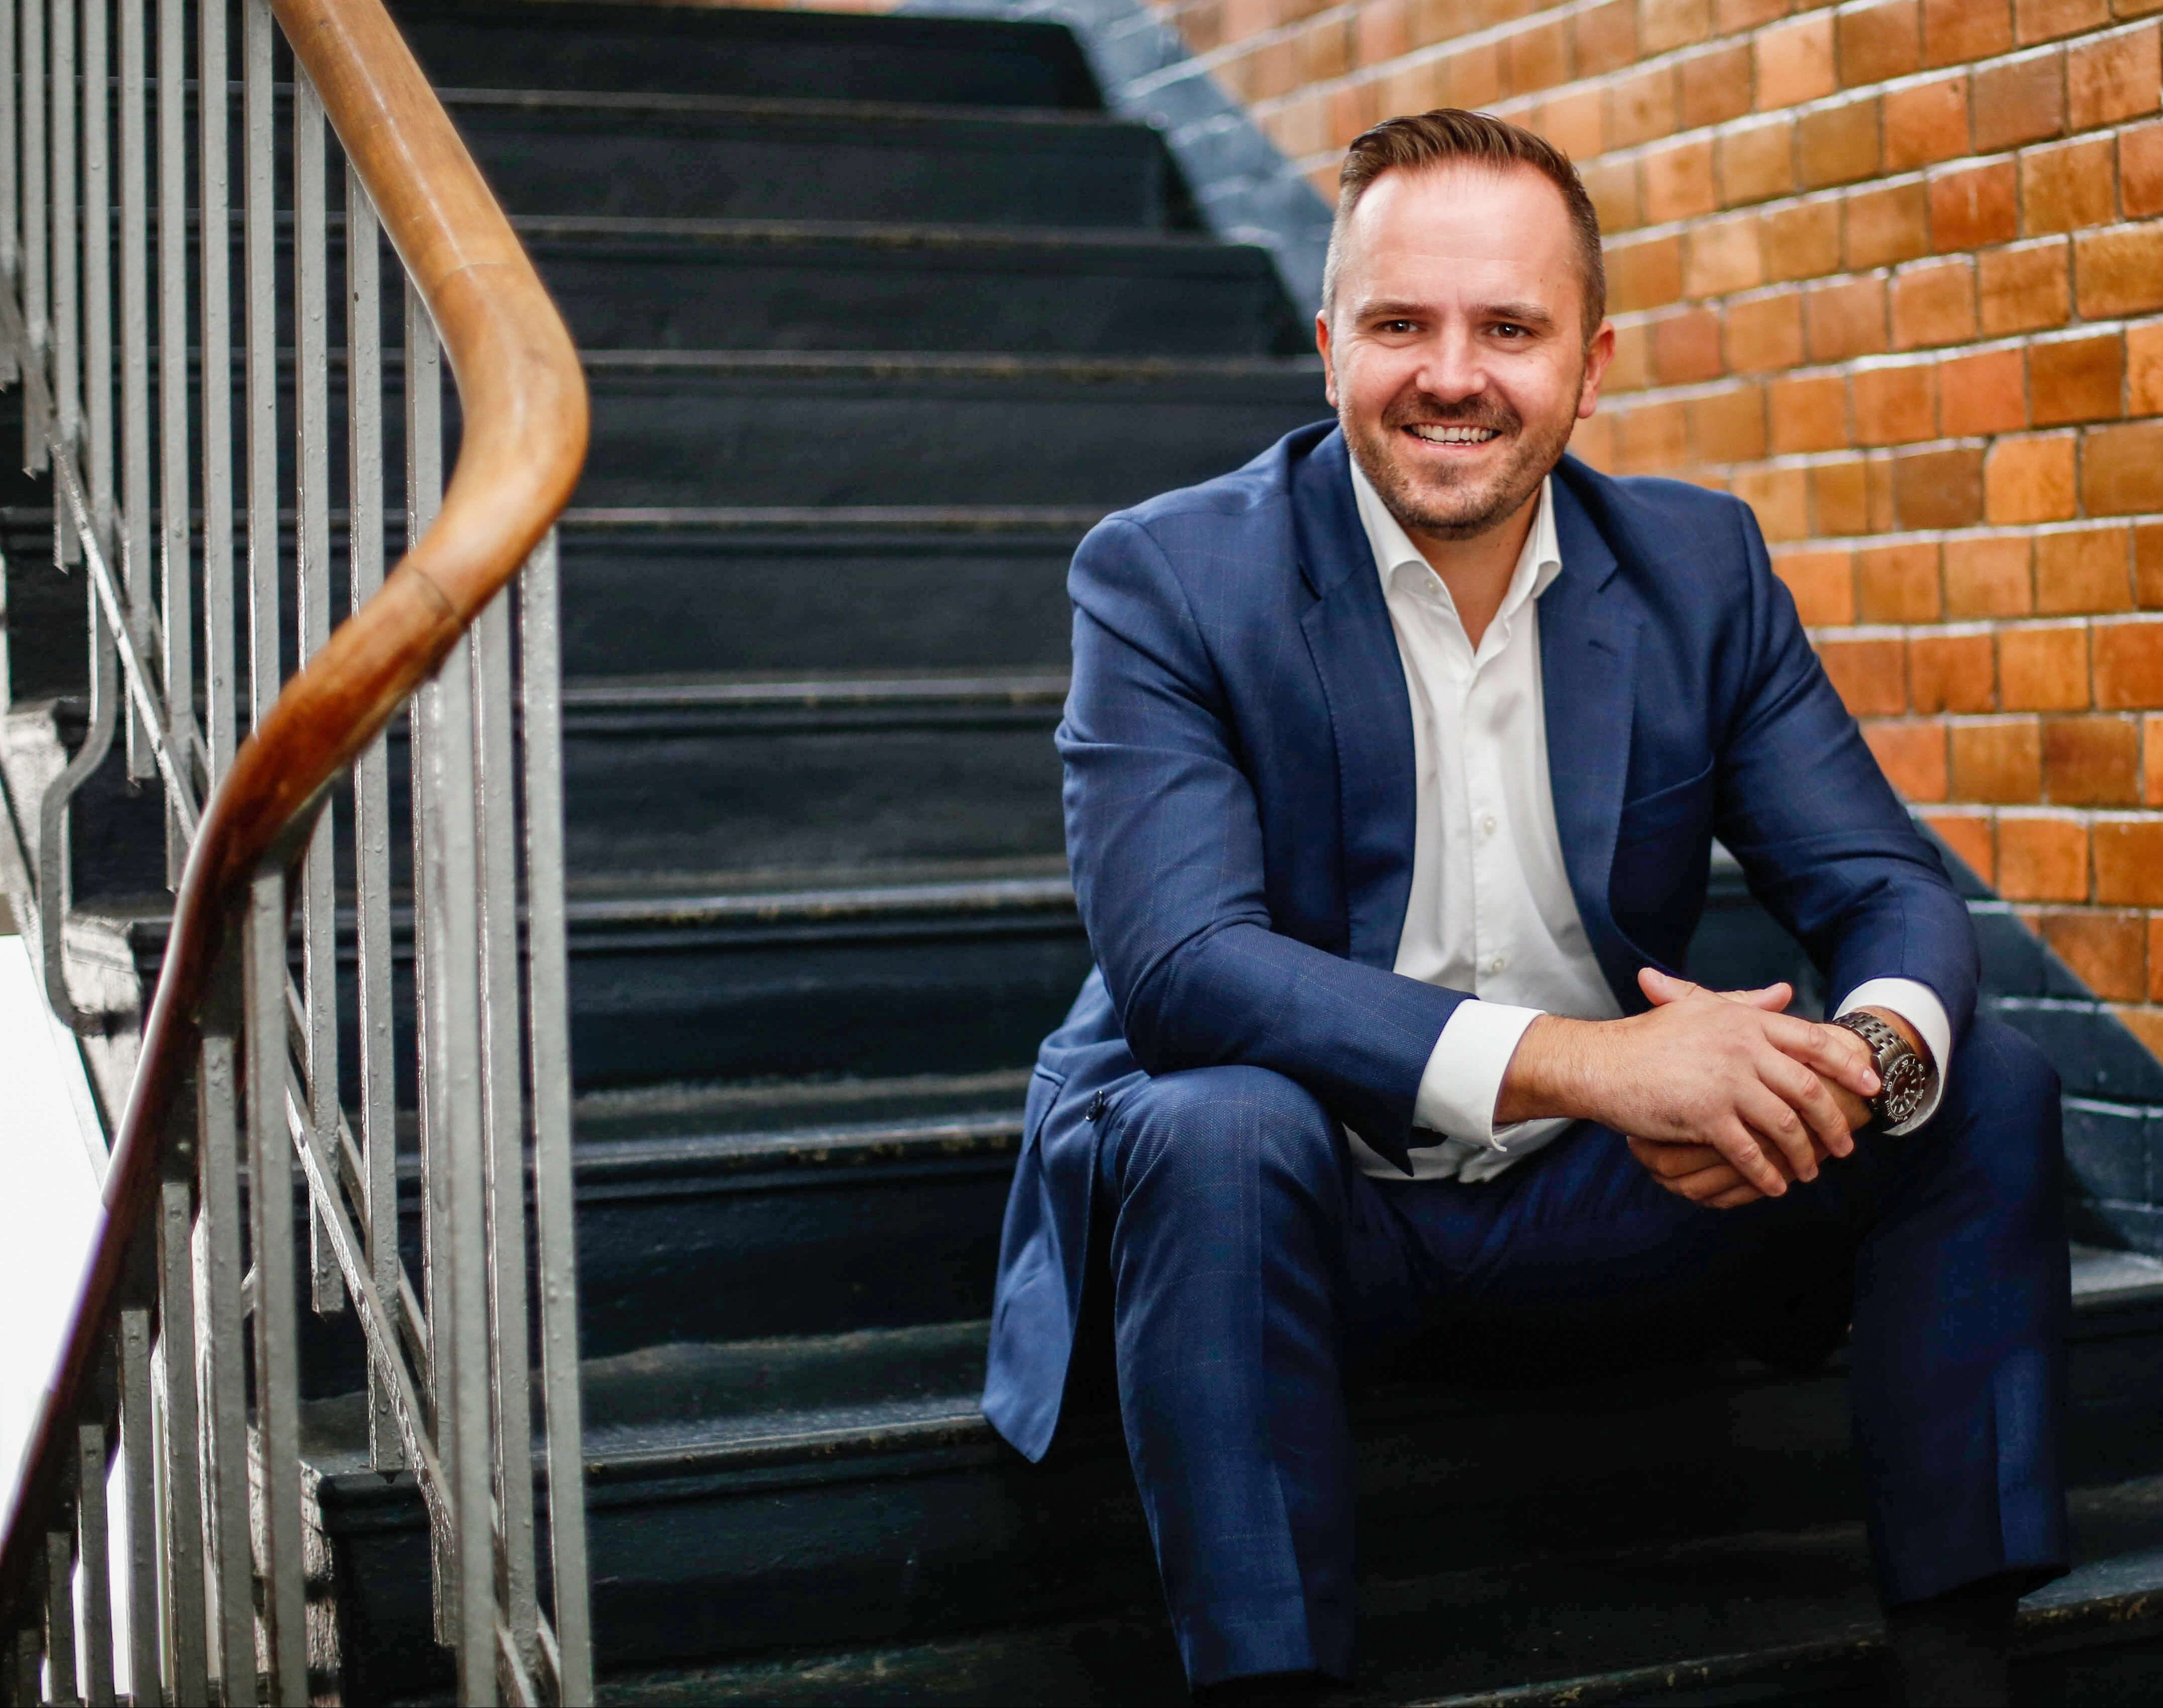 Hrvoje Klobucar, Director of Permanent Placement, sitzt auf einer Treppe und lächelt